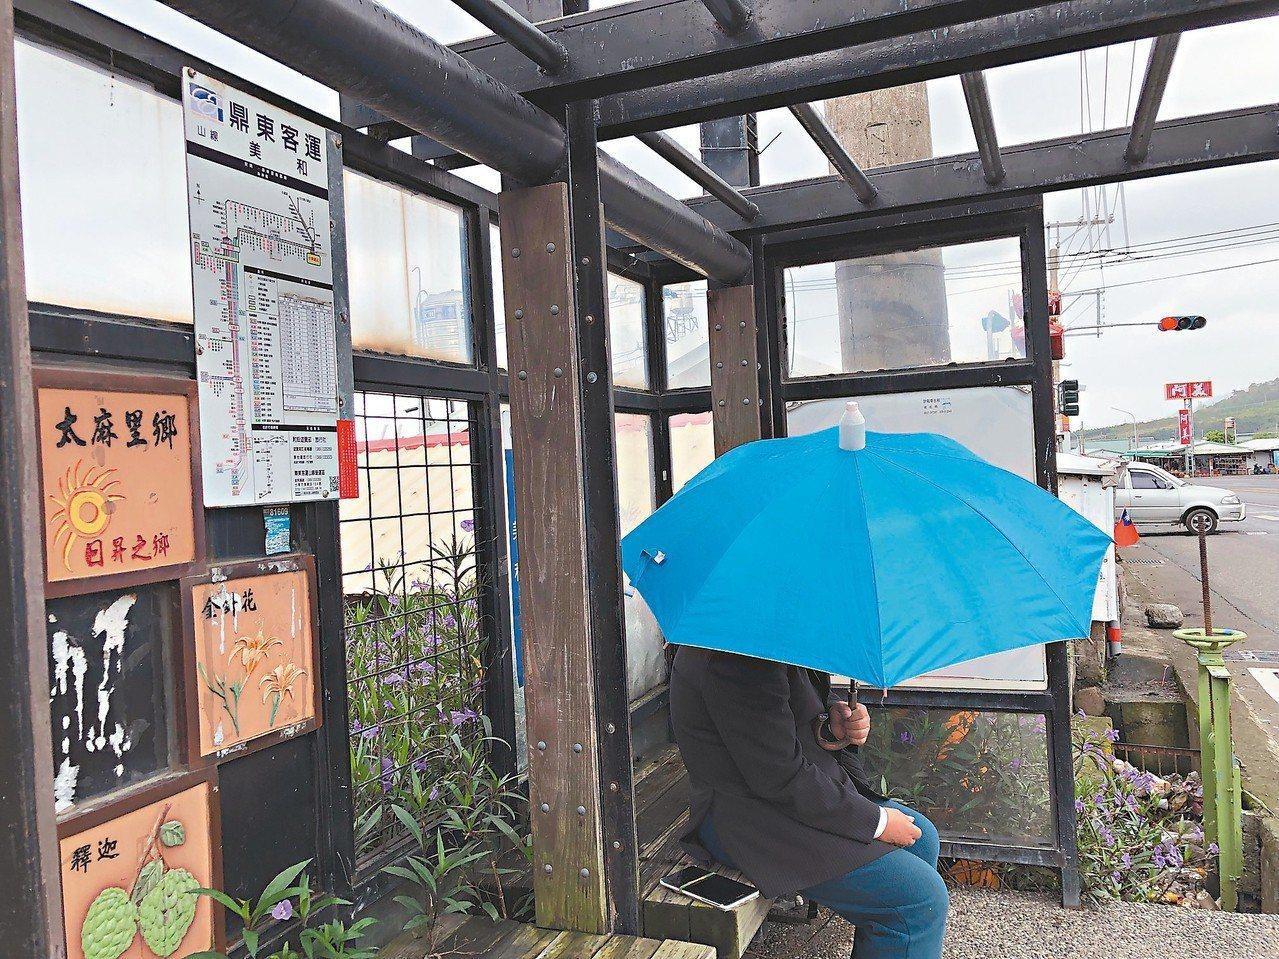 台東民眾在候車亭等公車,卻因候車亭失去遮雨功能,只能撐傘。 記者尤聰光/攝影